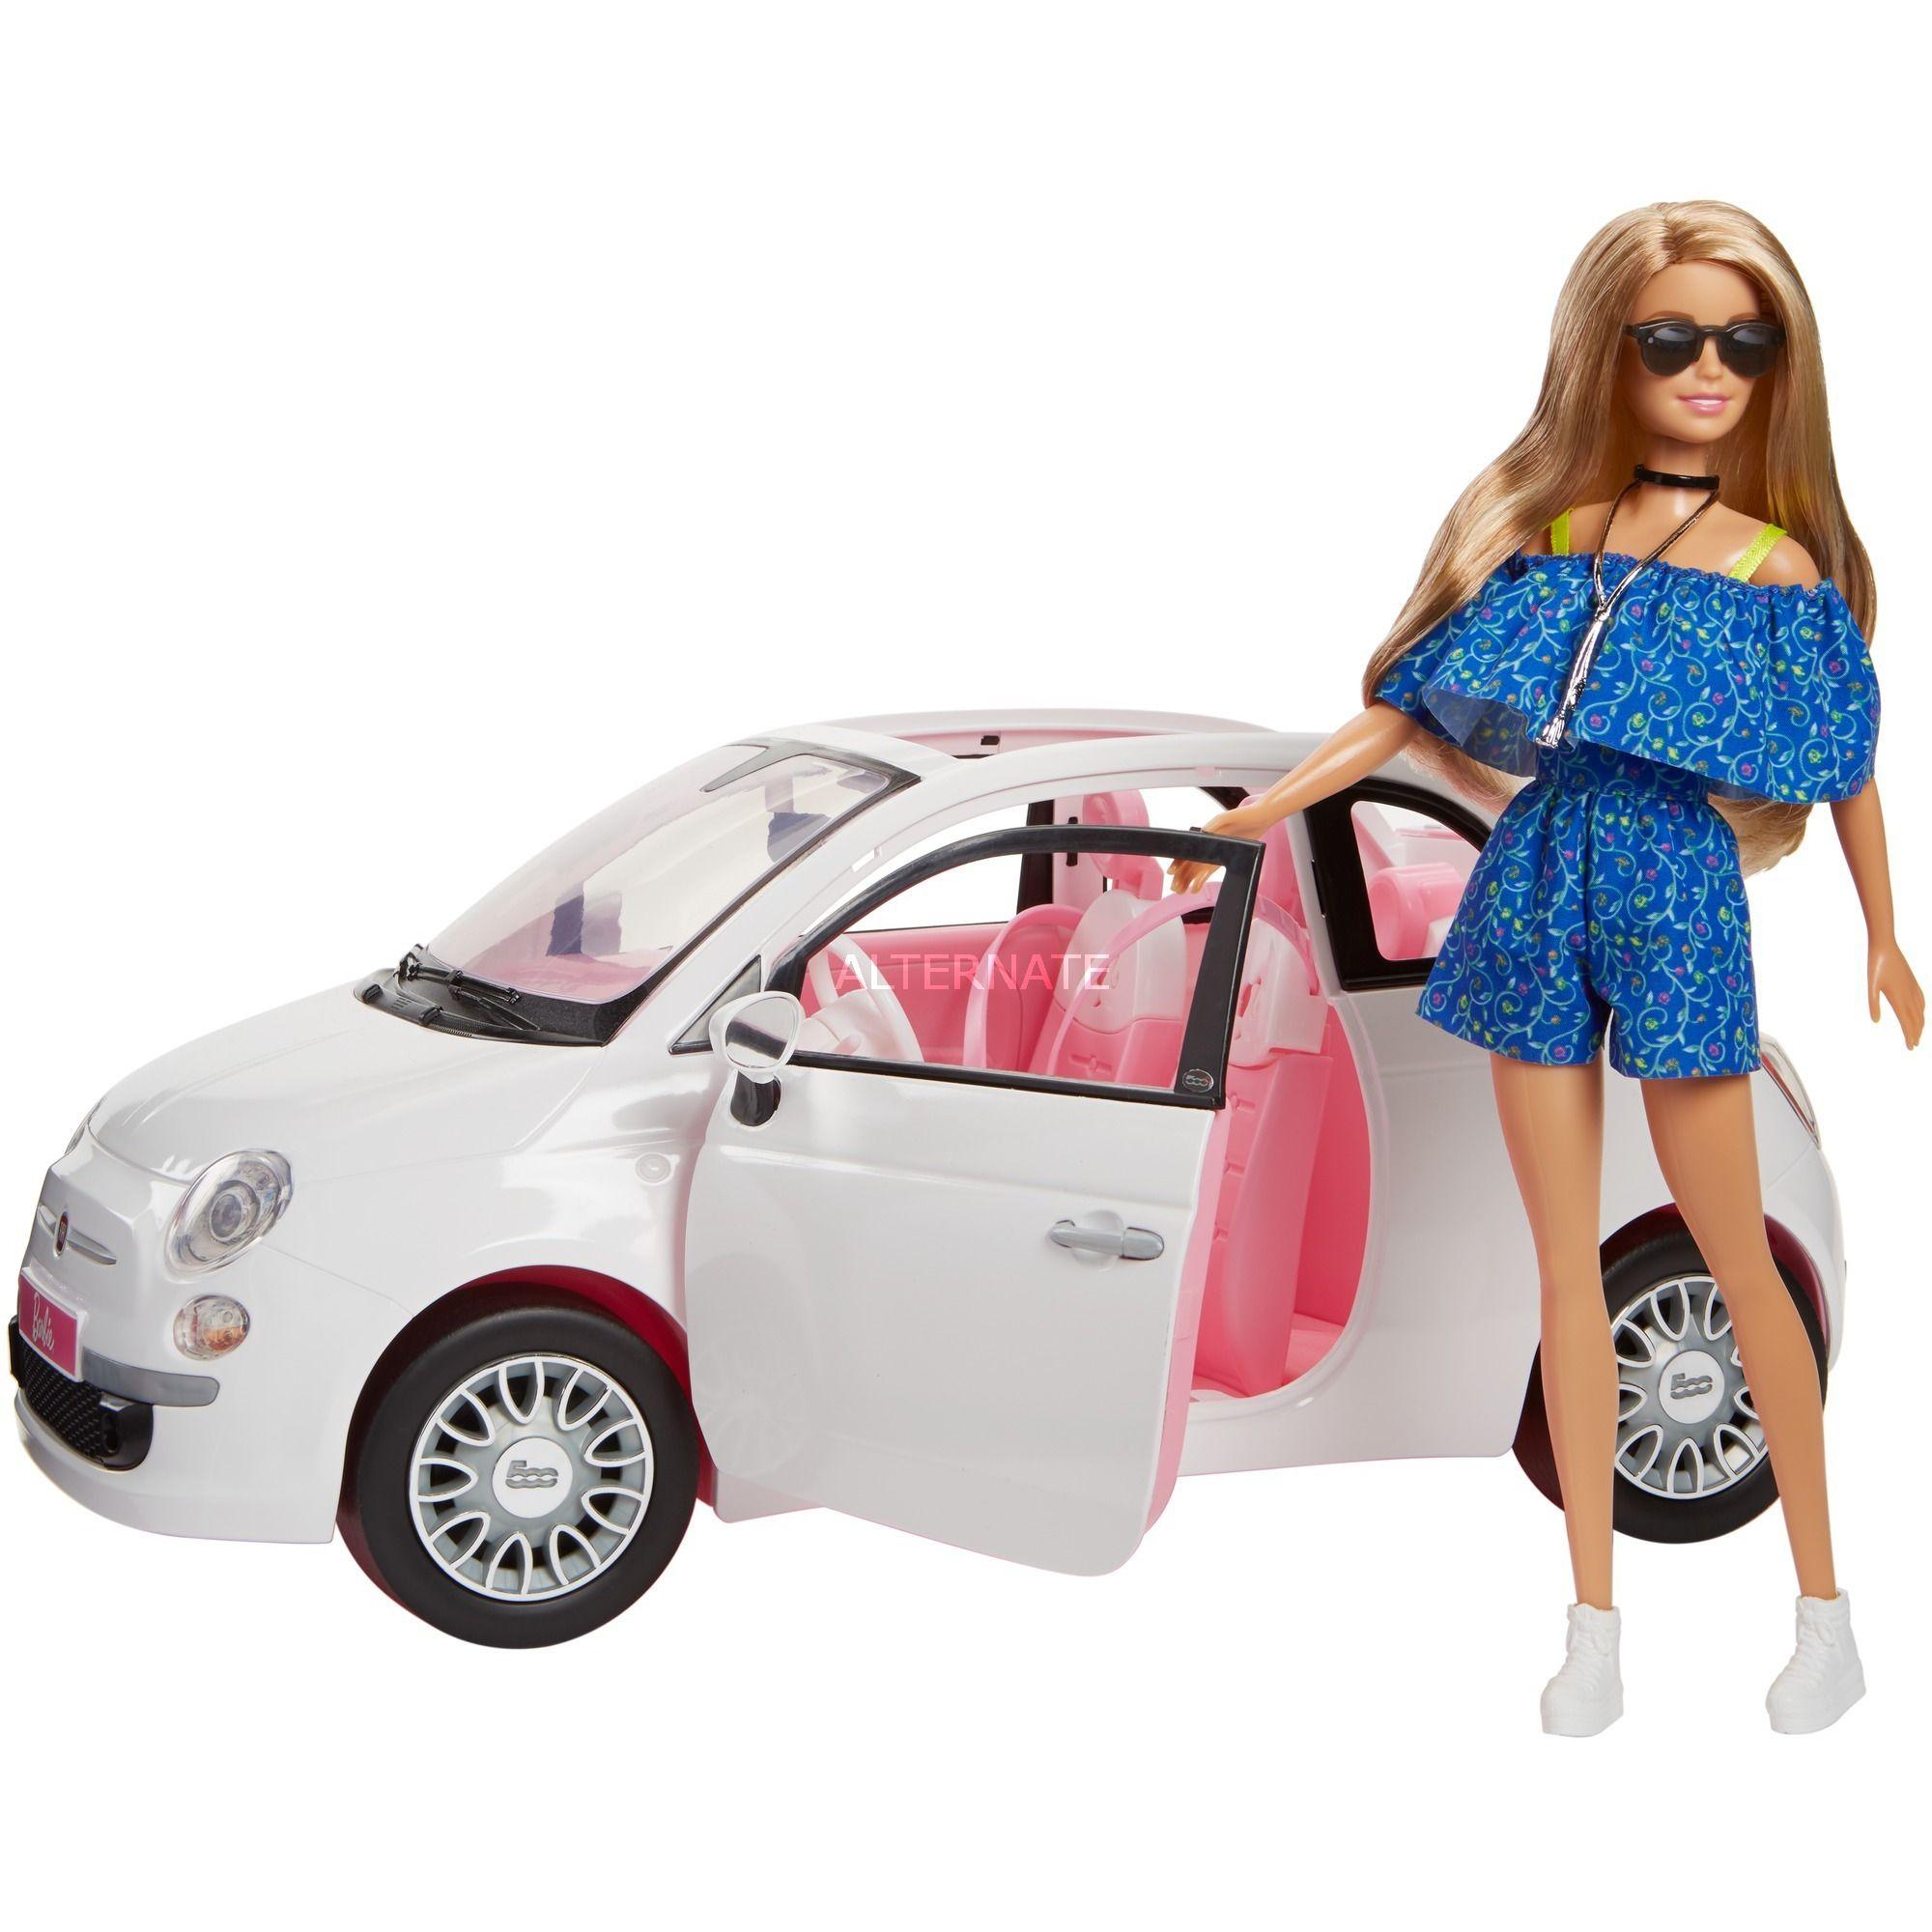 [Alternate] Barbie FVR07 - Puppe und Fiat 500 Auto in weiß und pinker Inneneinrichtung, Puppenzubehör und weitere